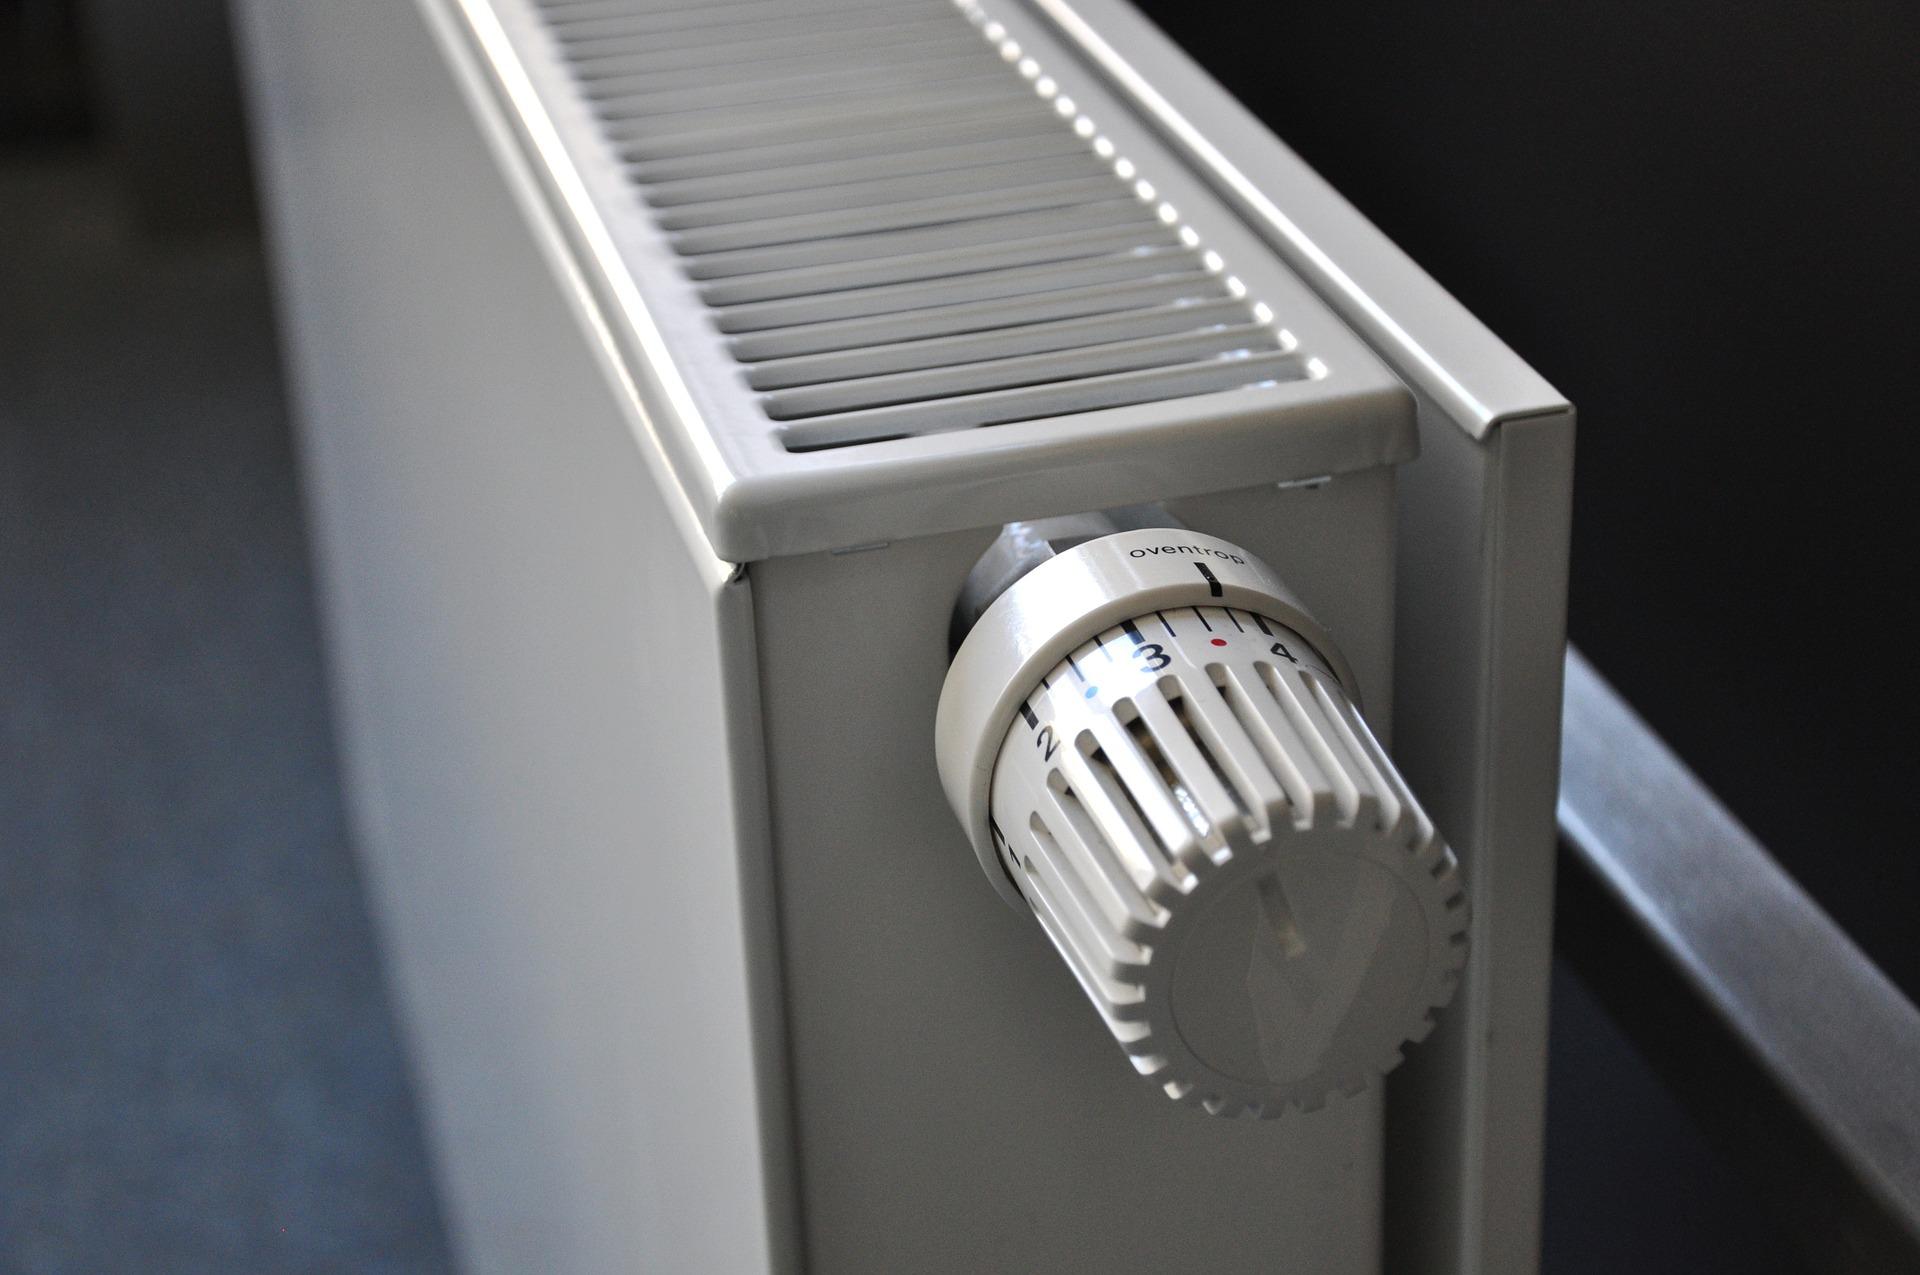 Heizkosten sparen - Eine gute Wärmedämmung verringert den Energieverbrauch